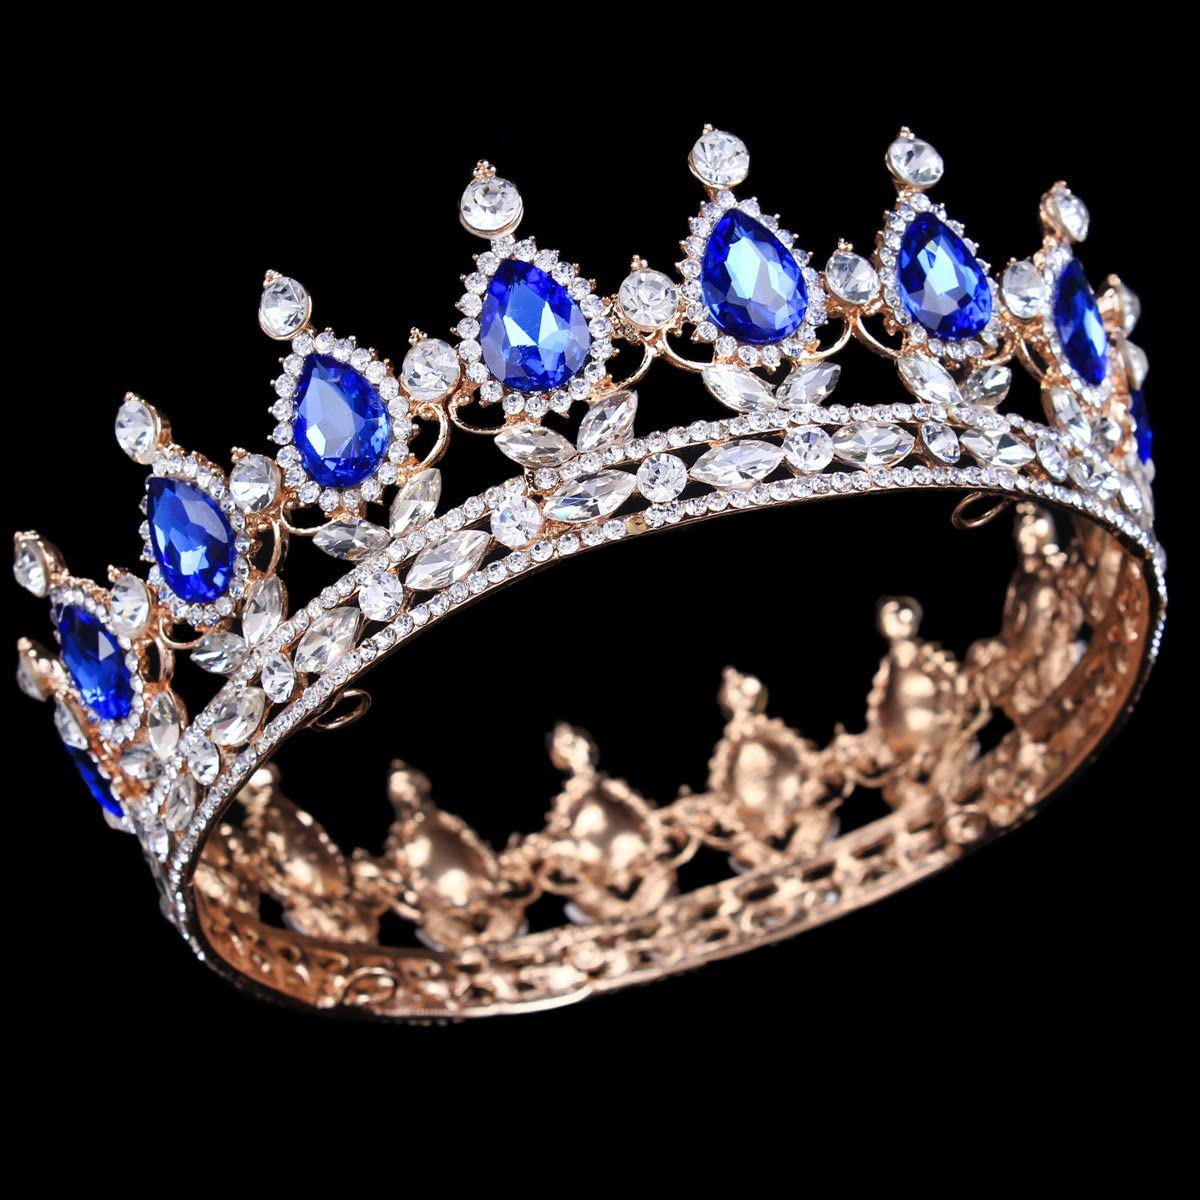 tiara per matrimoni e feste Blu oro HerZii corona da principessa con strass